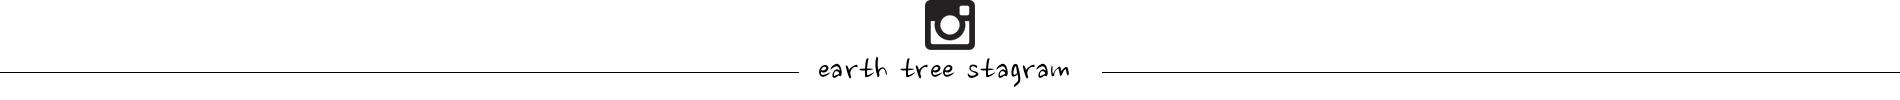 earth tree instagram